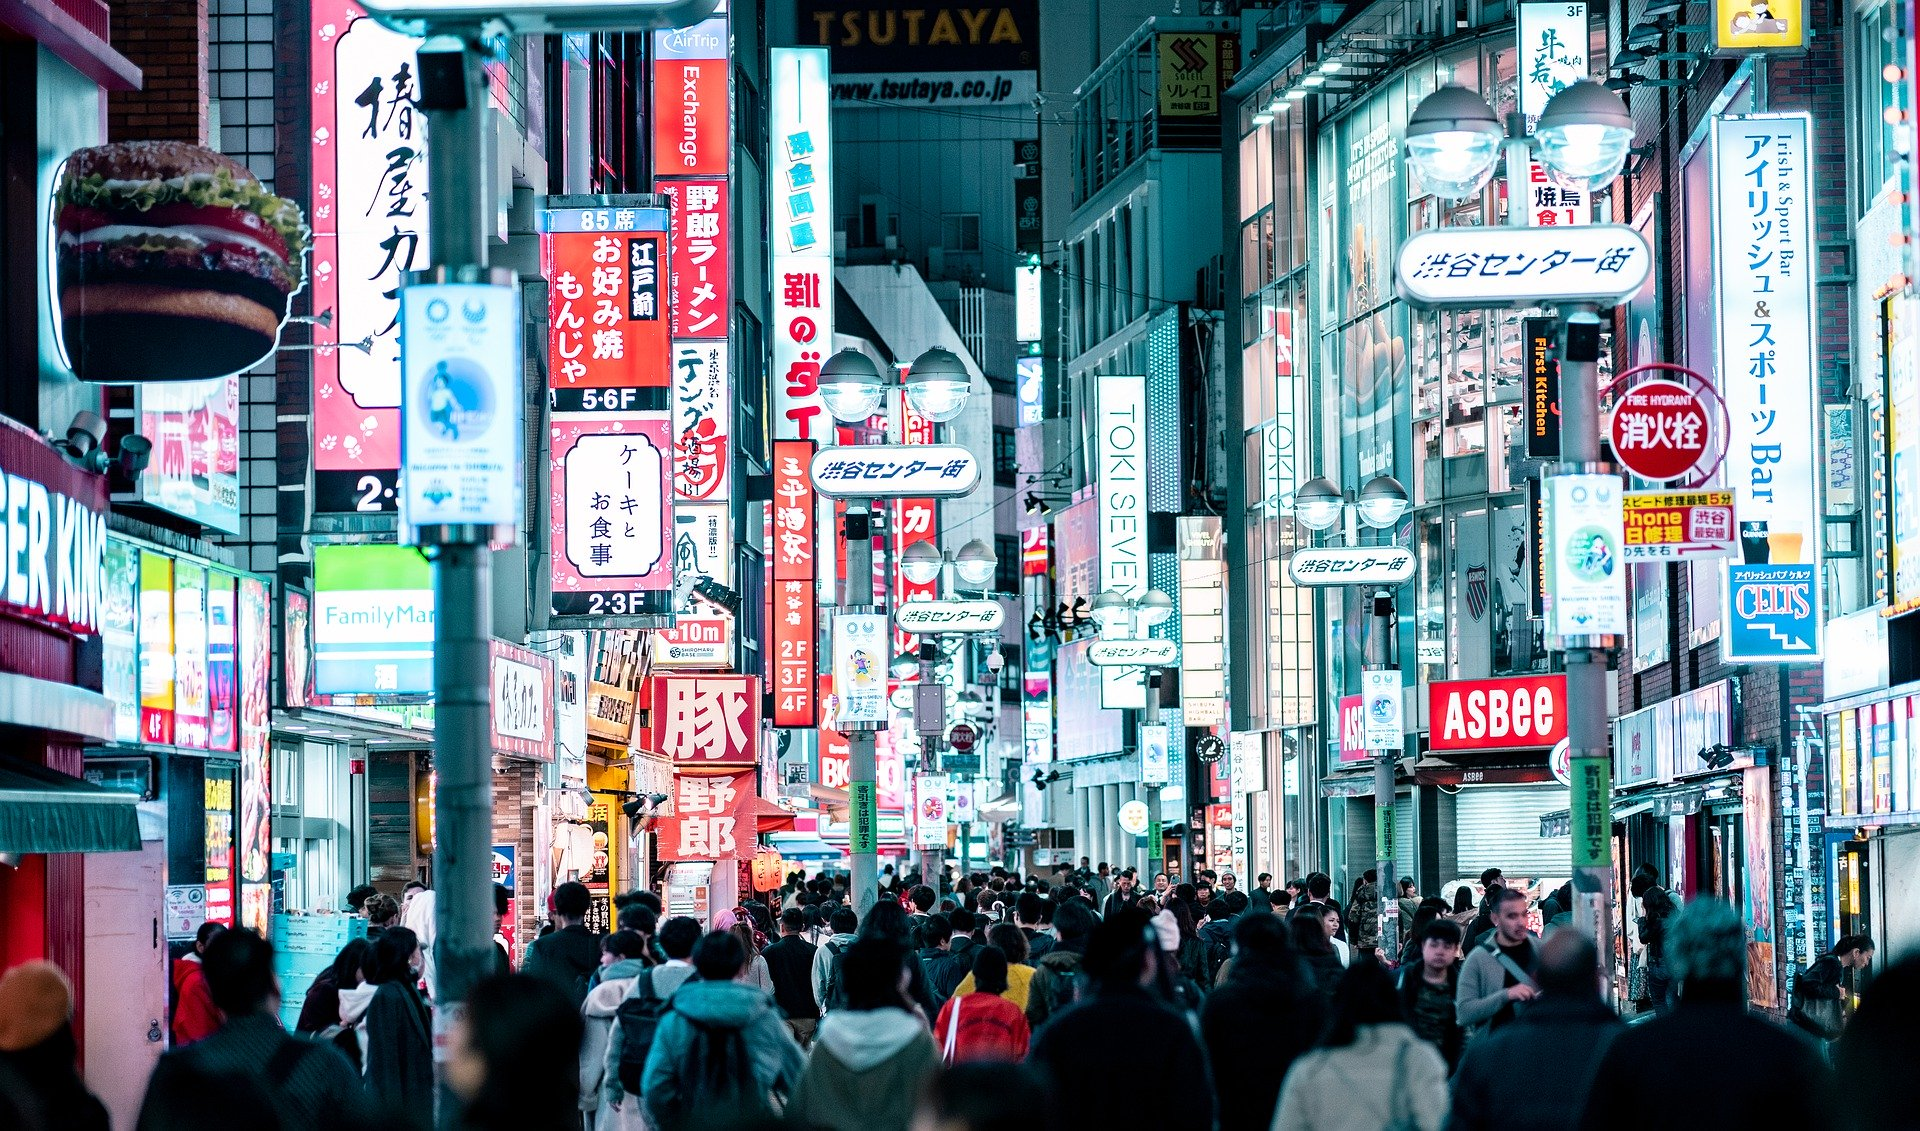 Le quartier de Shibuya à Tokyo au Japon